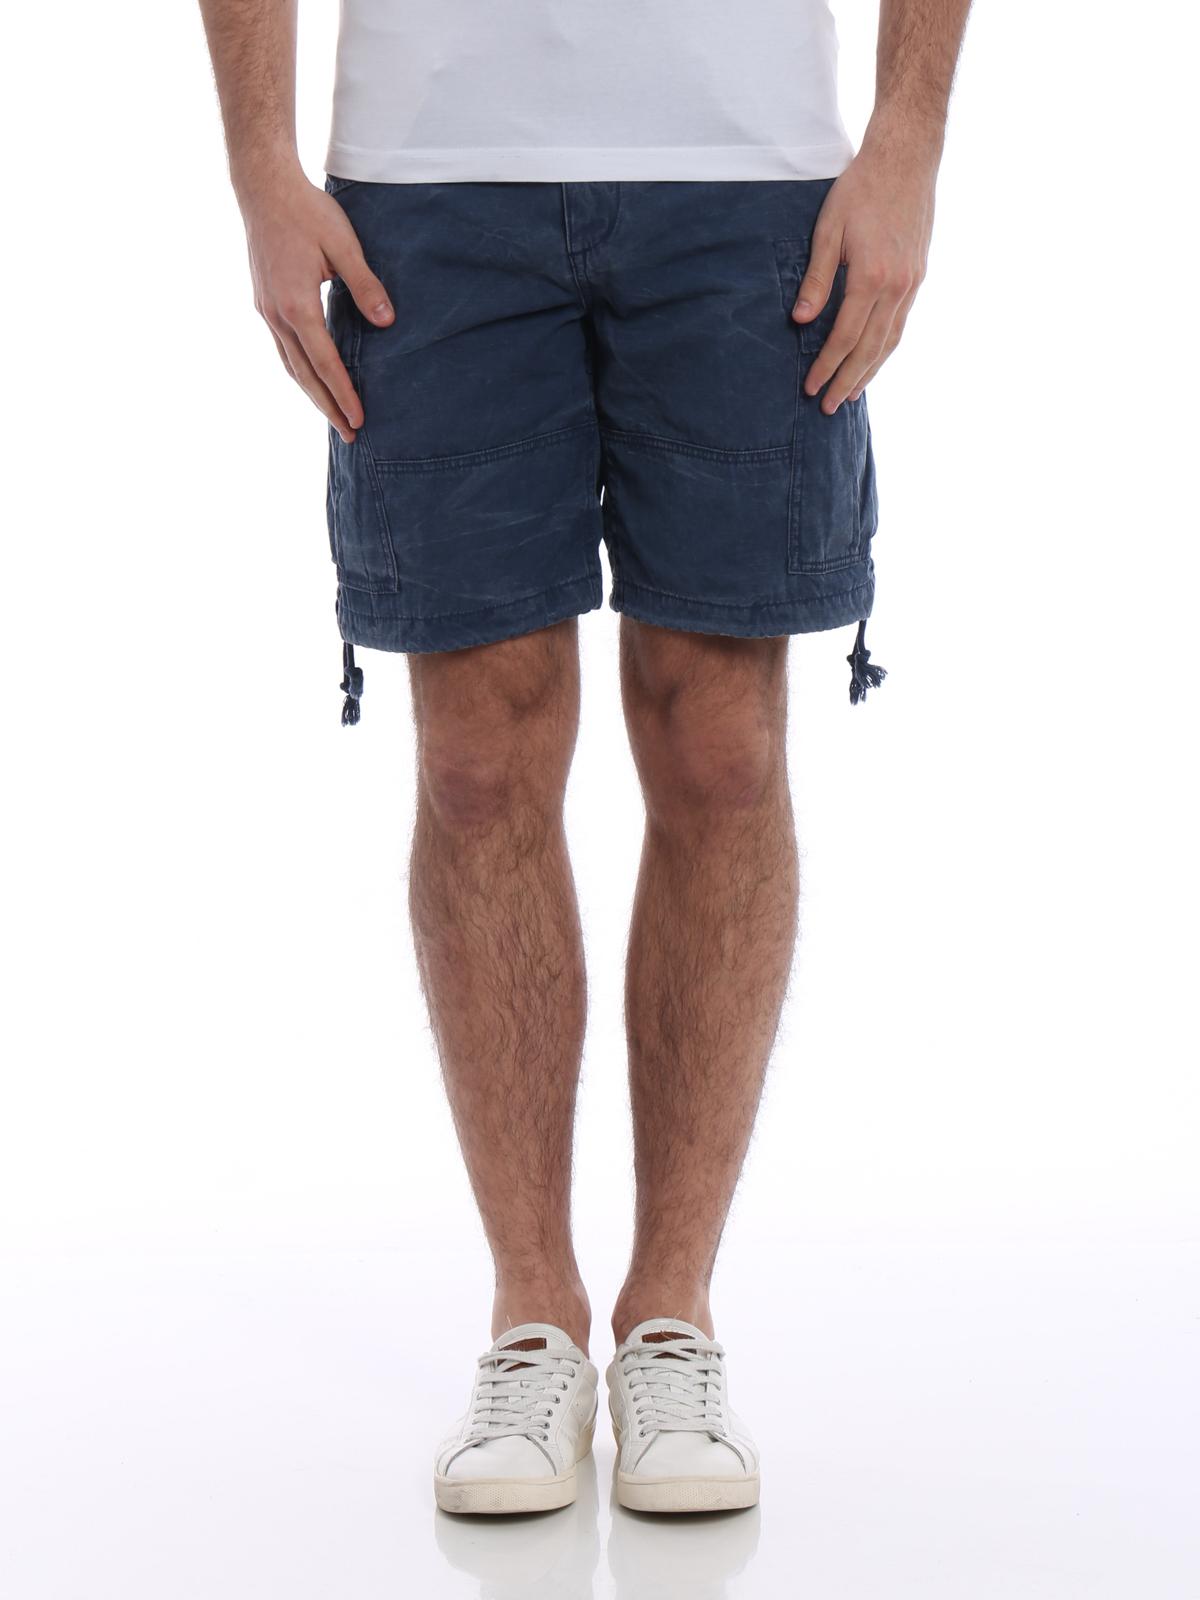 193c28e9d0 iKRIX POLO RALPH LAUREN: Trousers Shorts - Classic Fit cargo short pants